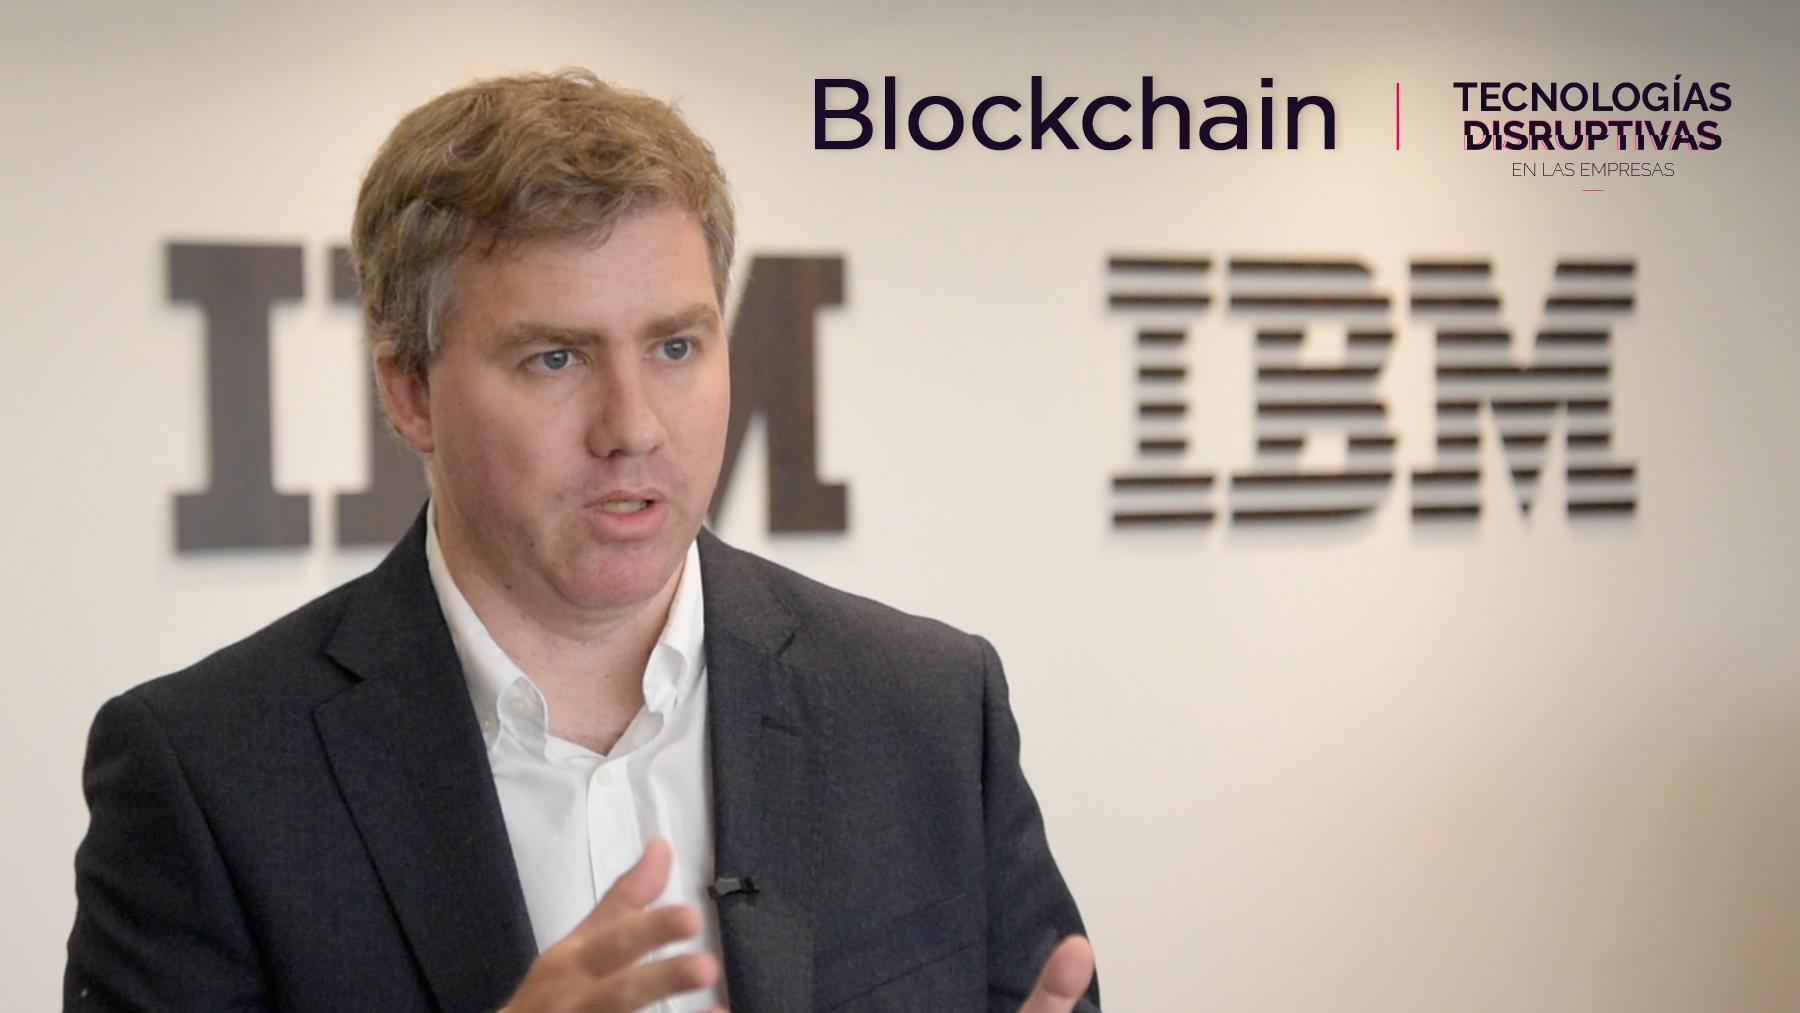 Tecnologías Disruptivas: Blockchain y las eficiencias al compartir información